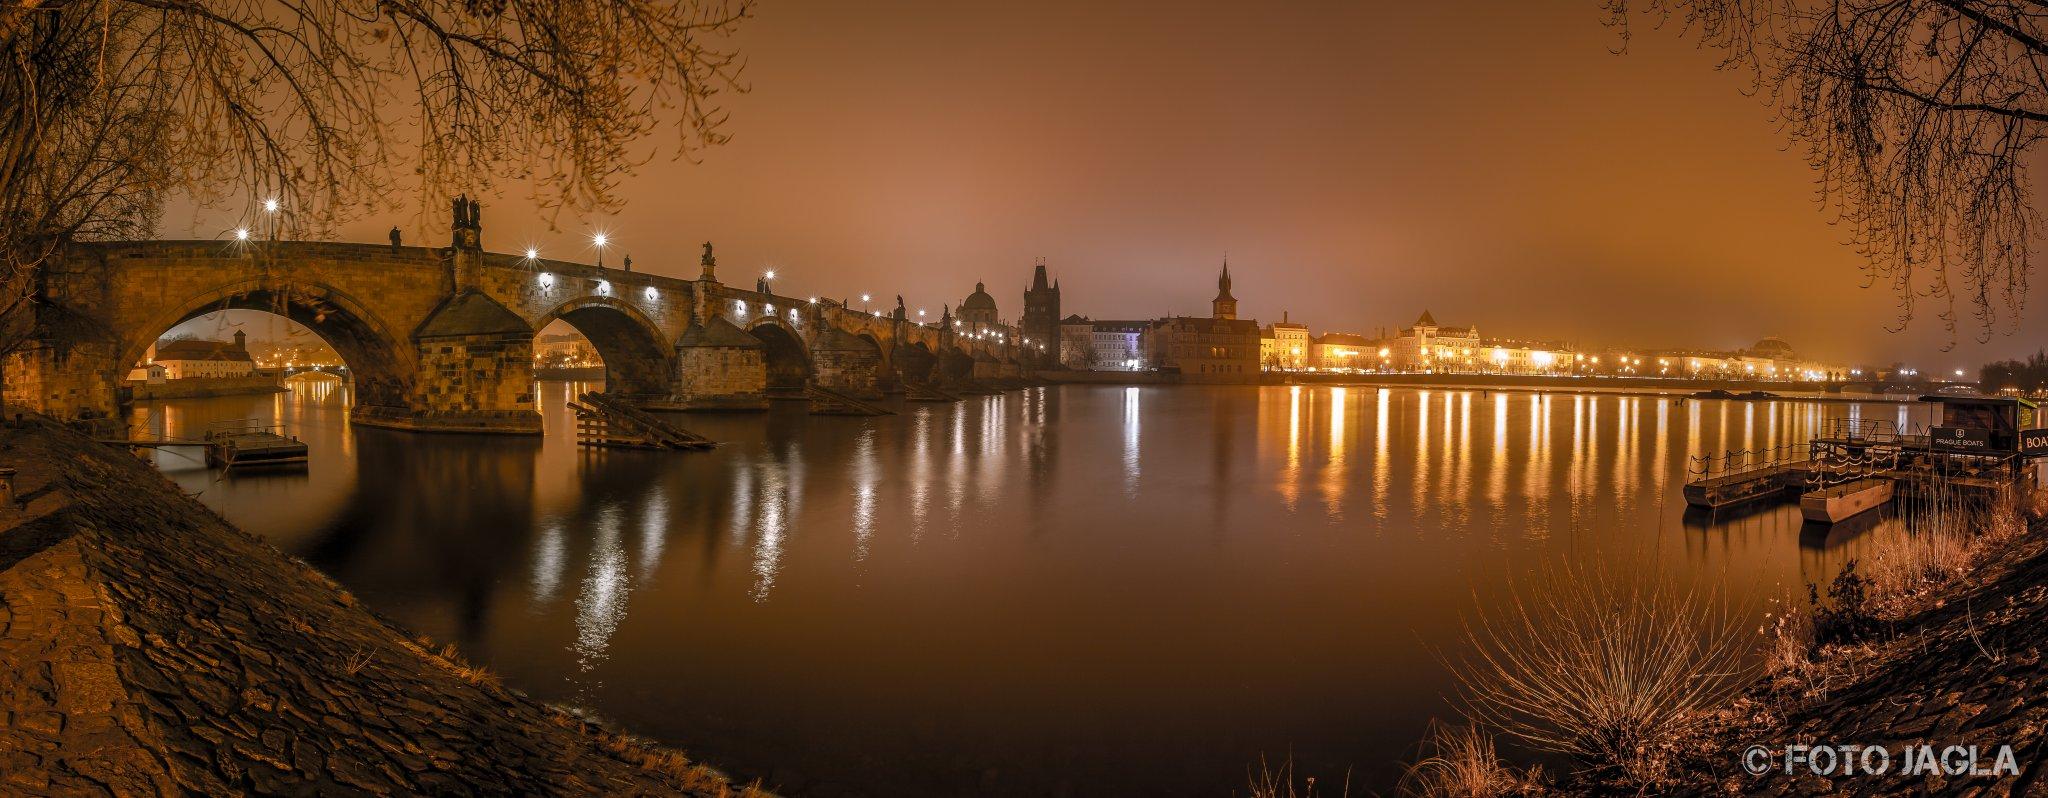 Prag, Karlsbrücke (Charles Bridge) bei Nacht Richtung Altstädter Seite